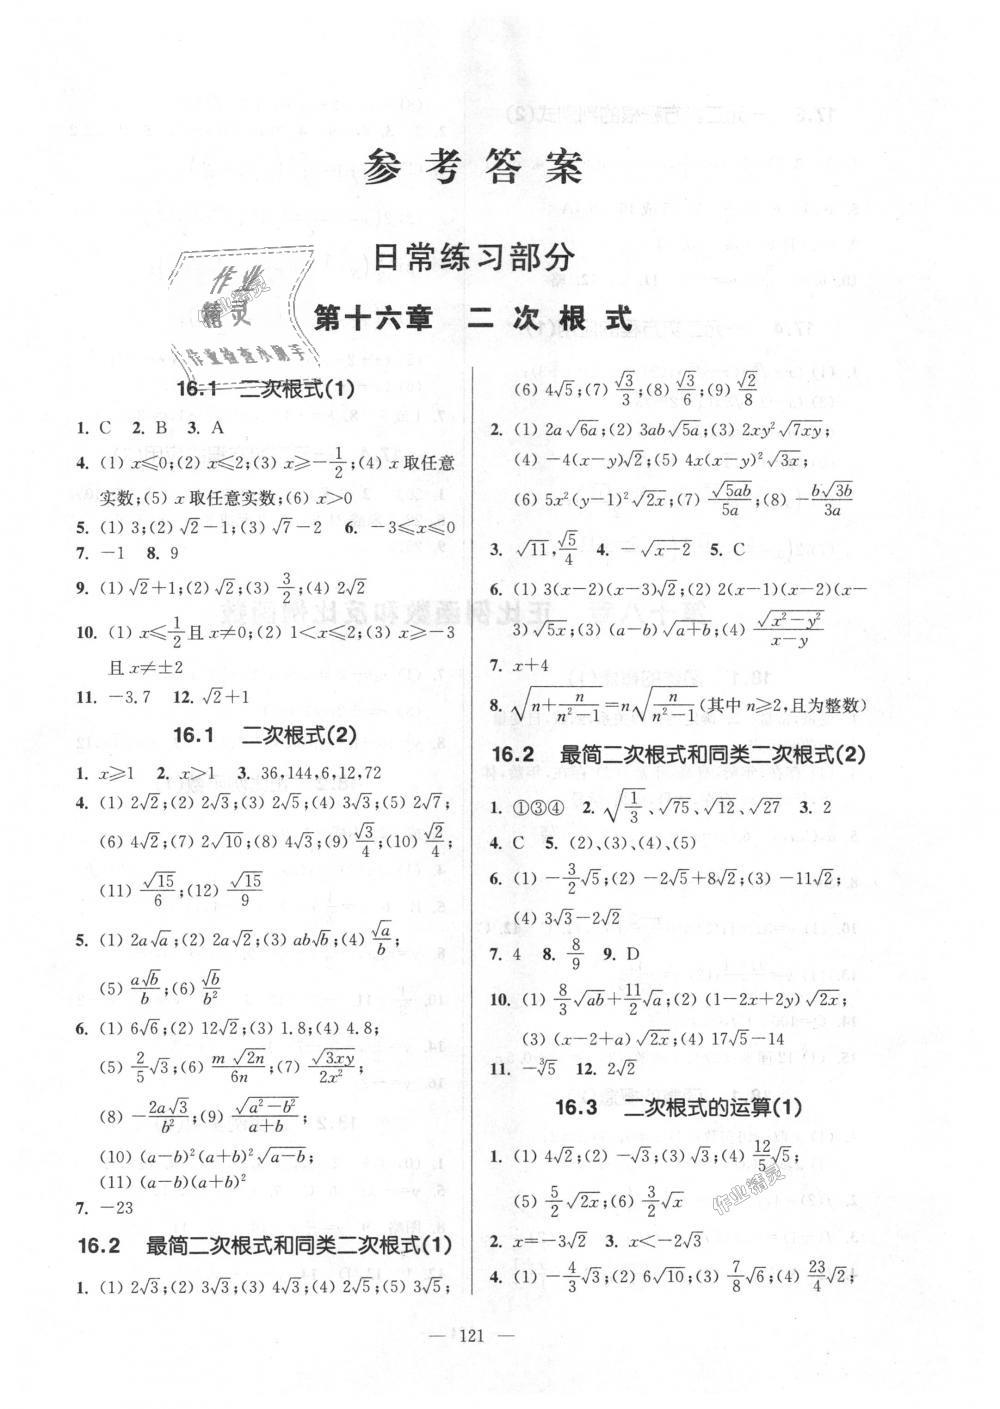 2018年精练与提高八年级数学第一学期沪教版第1页